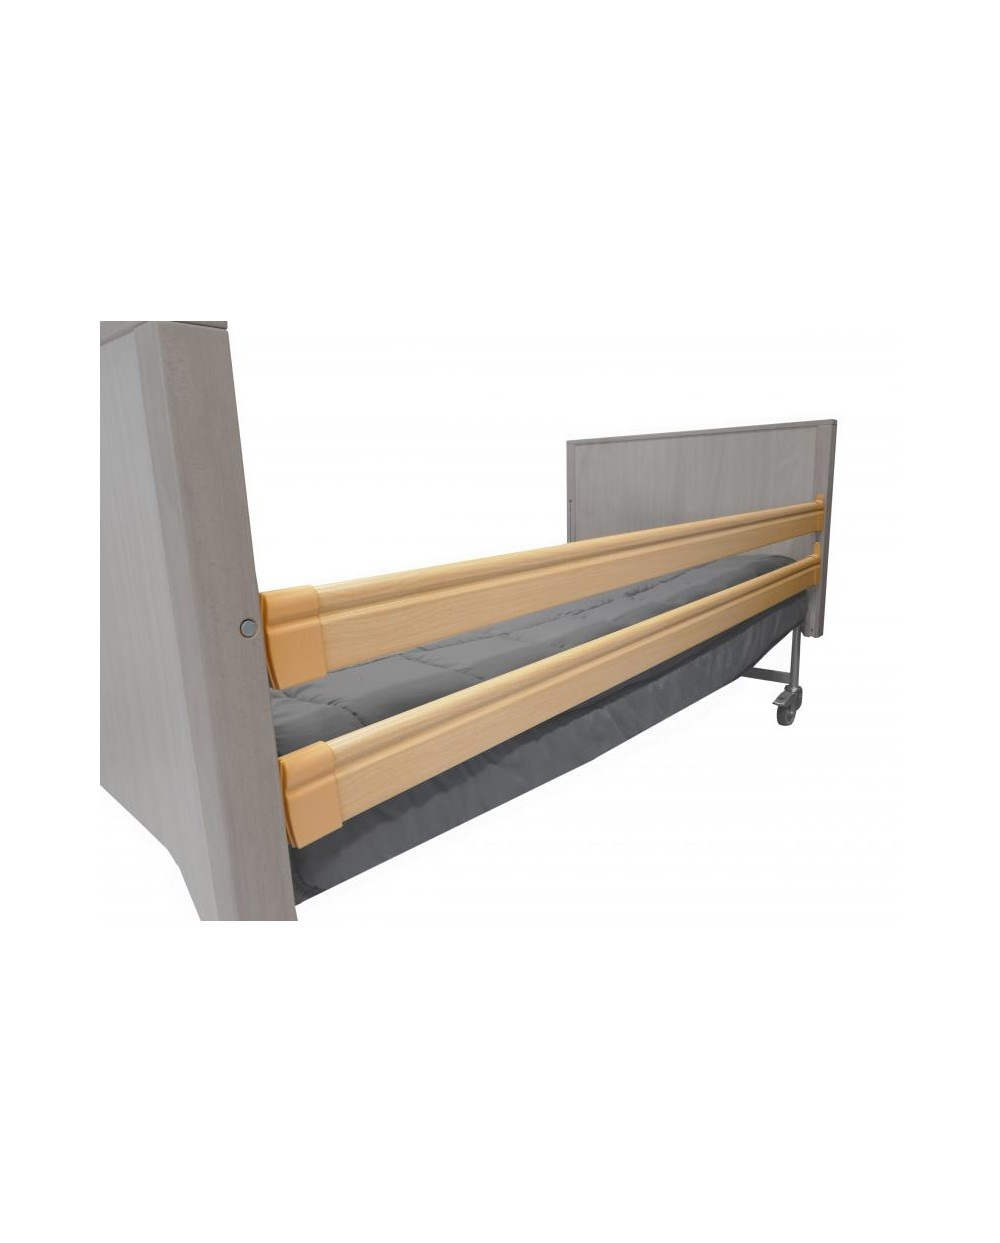 Barrière de lit 2,20 m (4 pièces) - noyer.